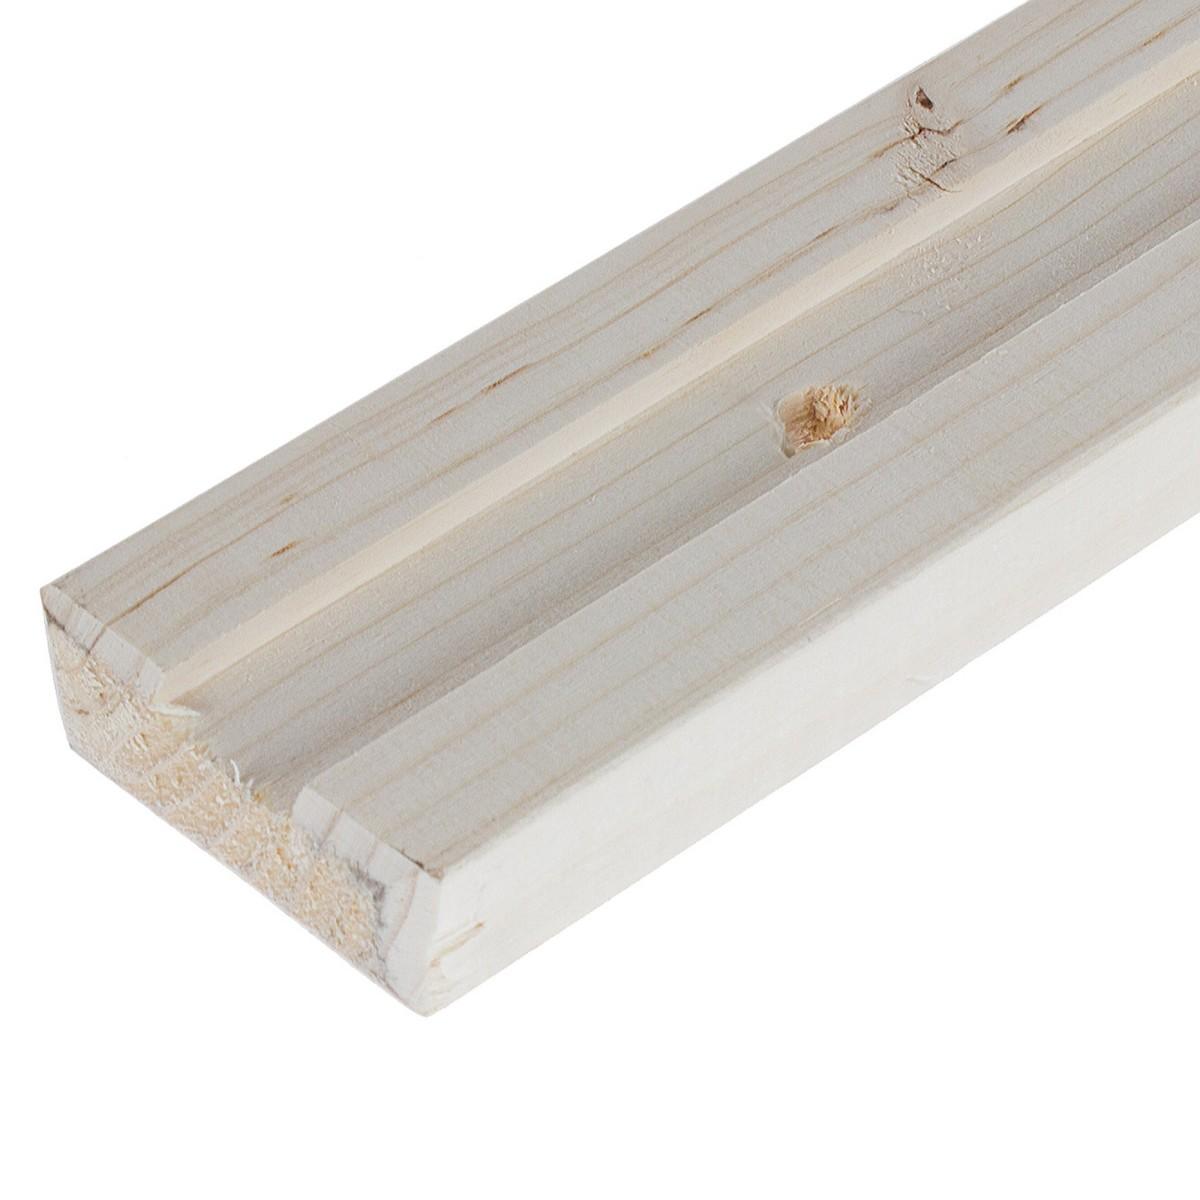 Стойка 1-х пазная для стеллажа 2000х50х18 мм 1 шт.